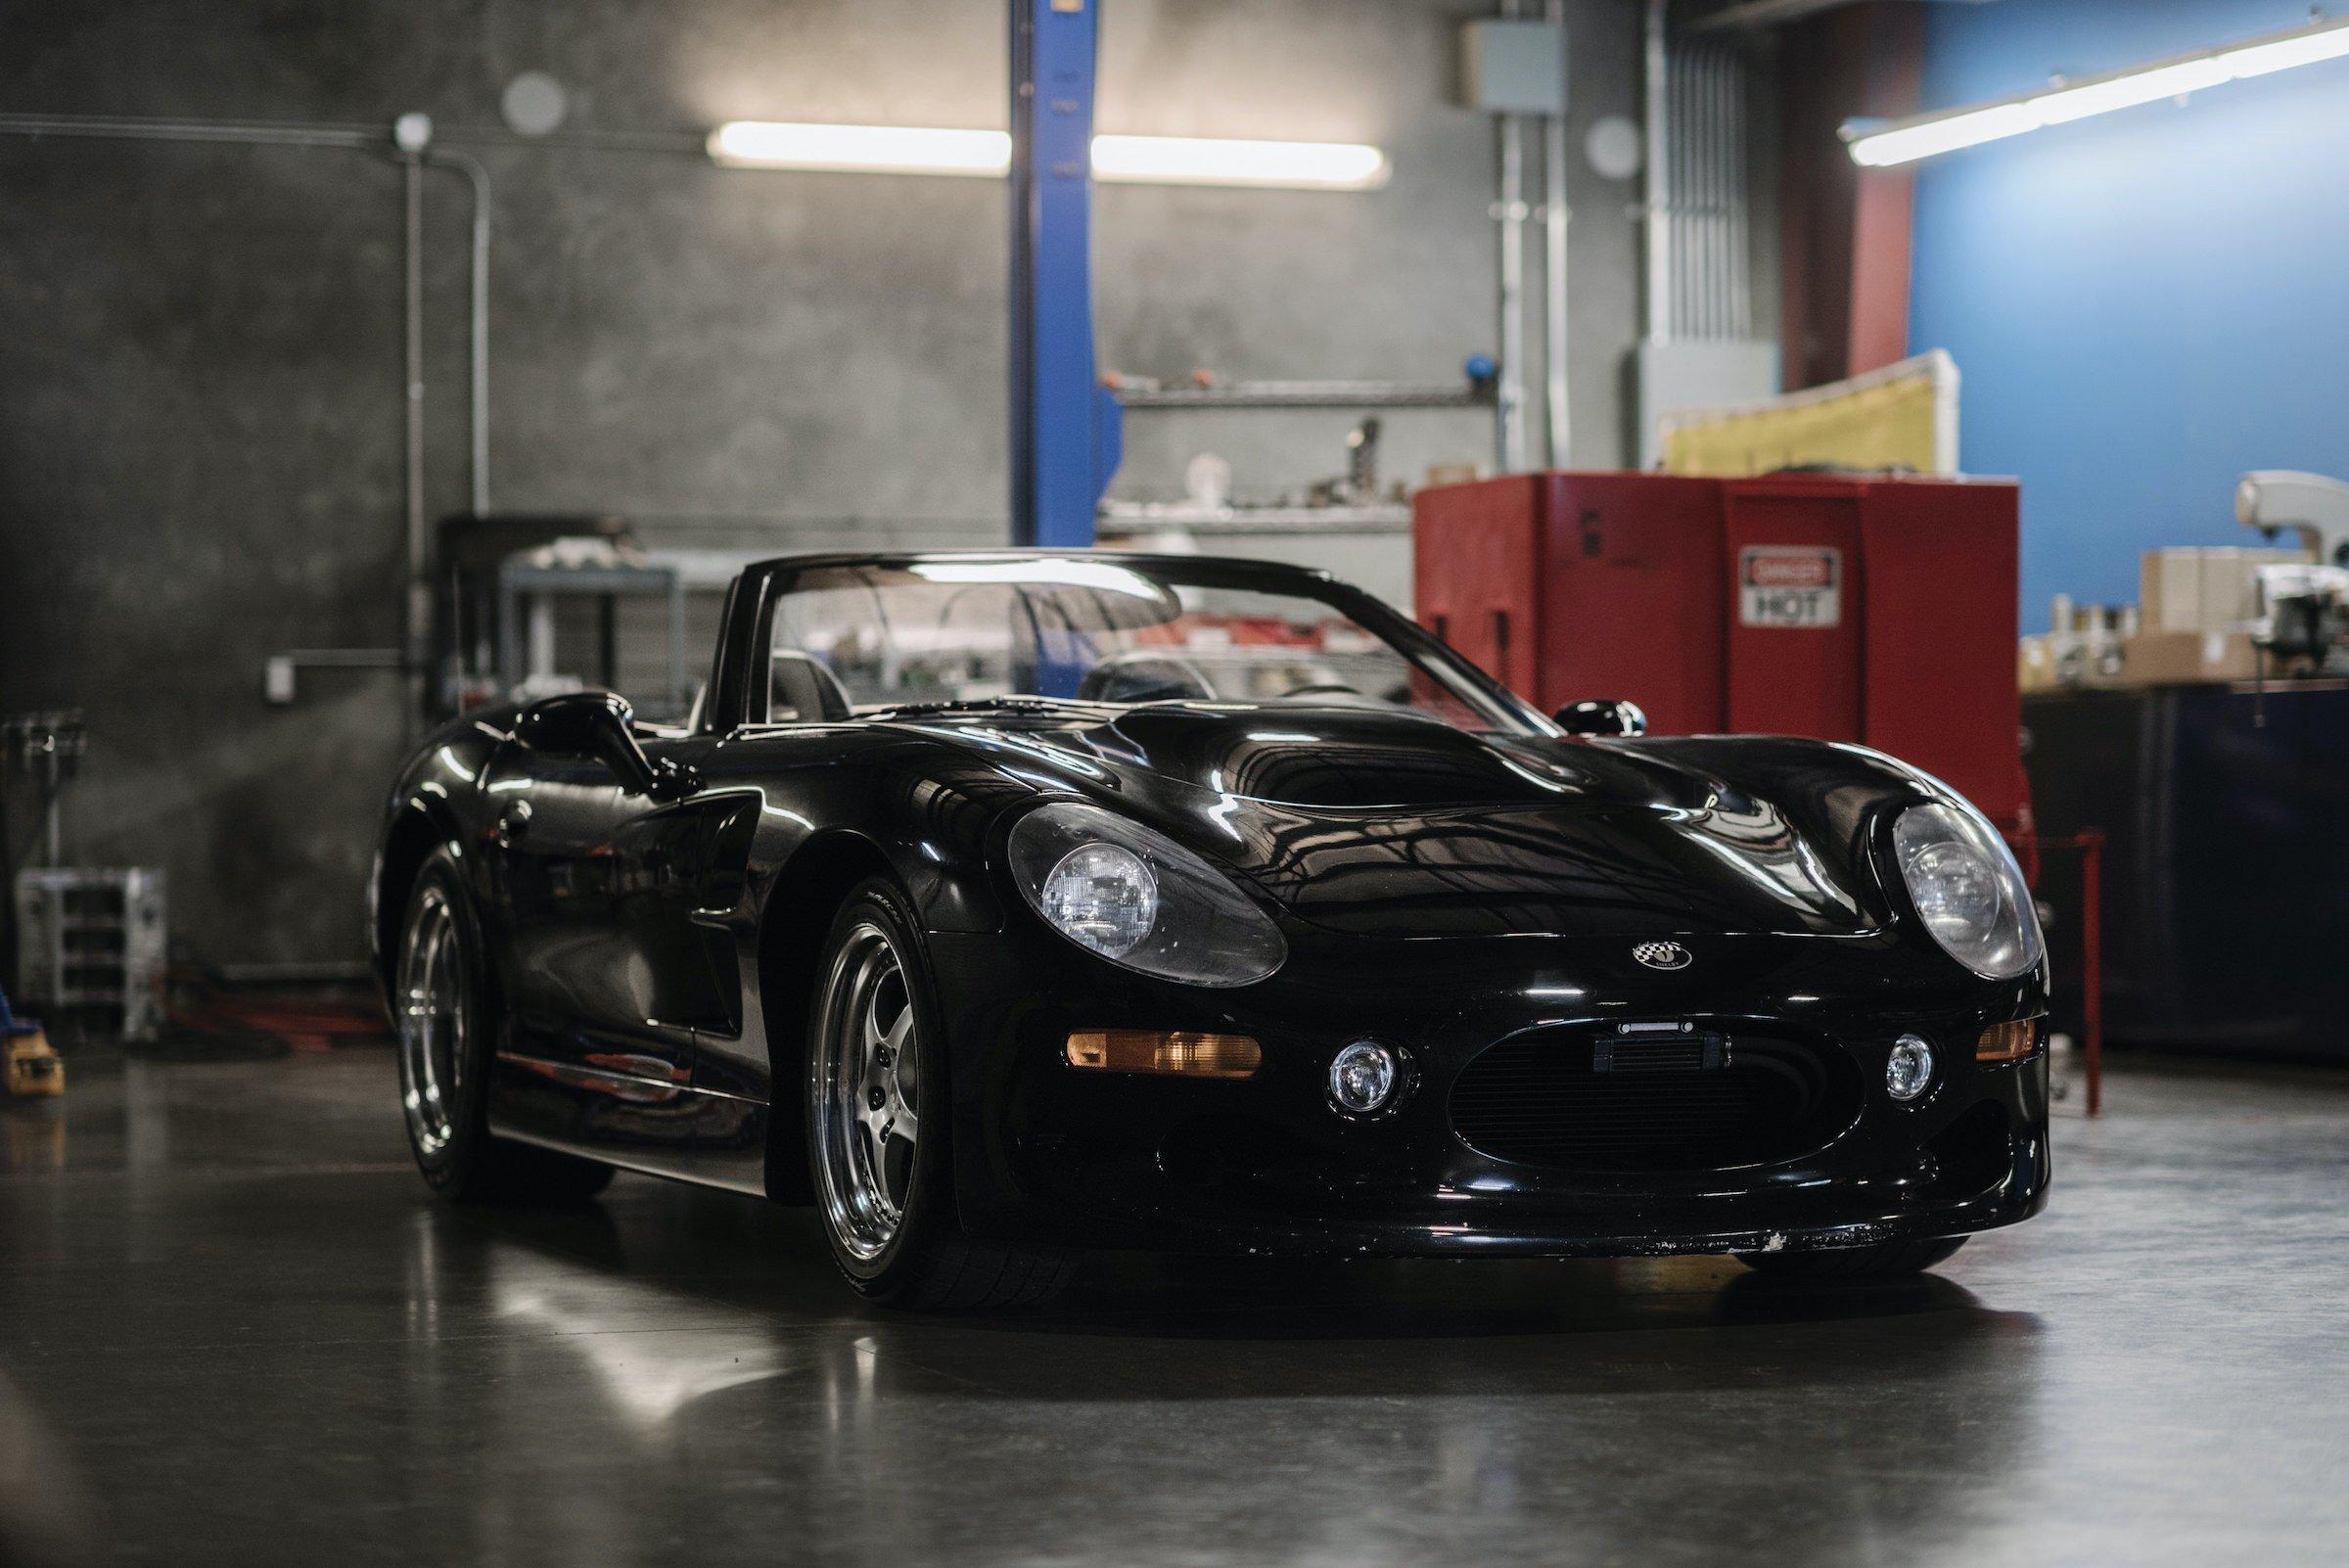 Shelby Series 1 Prototype